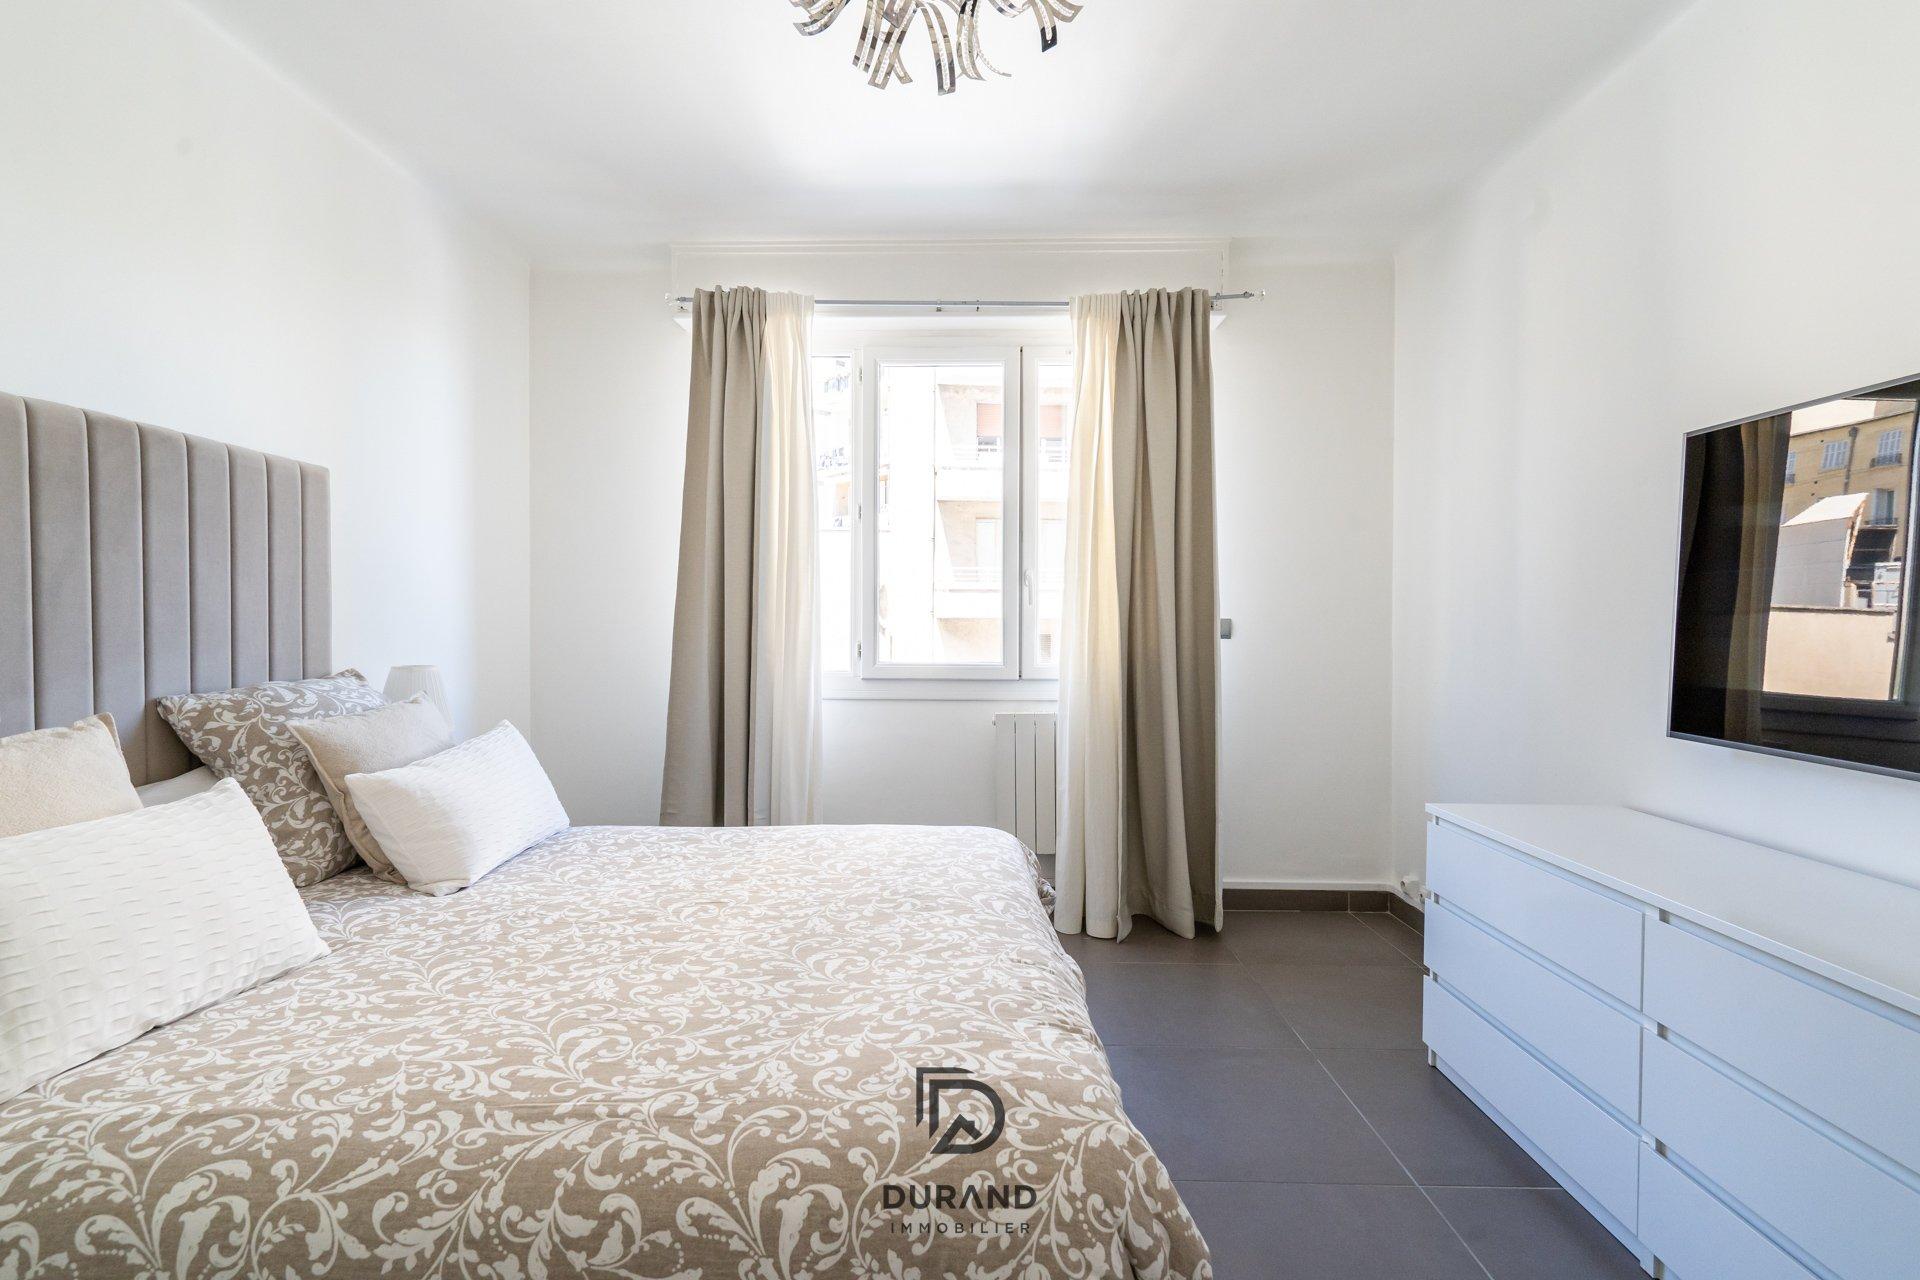 Appartement 3 pièces 62 m2 - CINQ-AVENUES 13004 Marseille